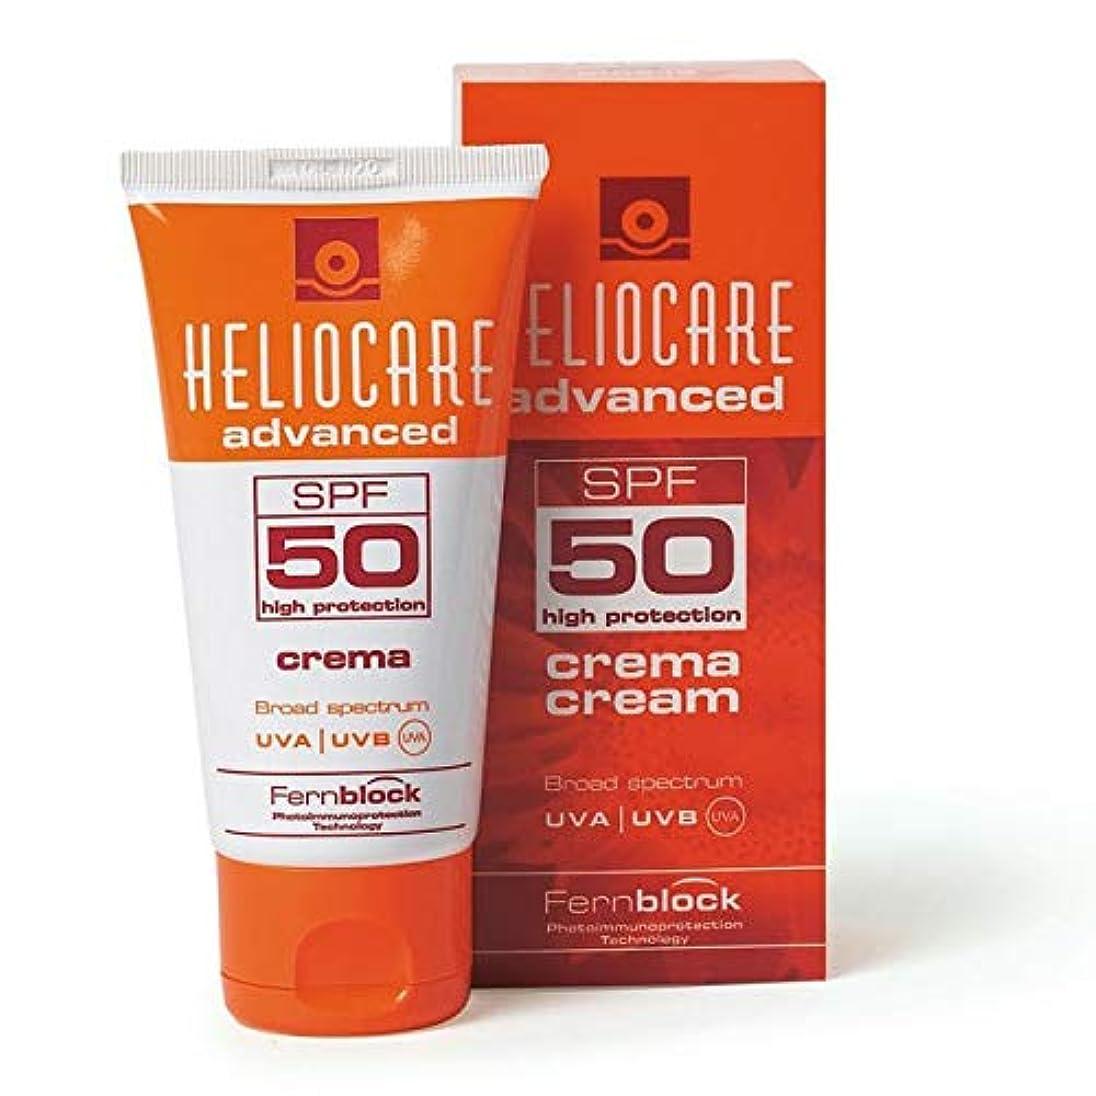 断線シェフ背景ヘリオケア日焼け止めクリームSPF50 HELIOCARE Advanced cream 50ml 国内正規品